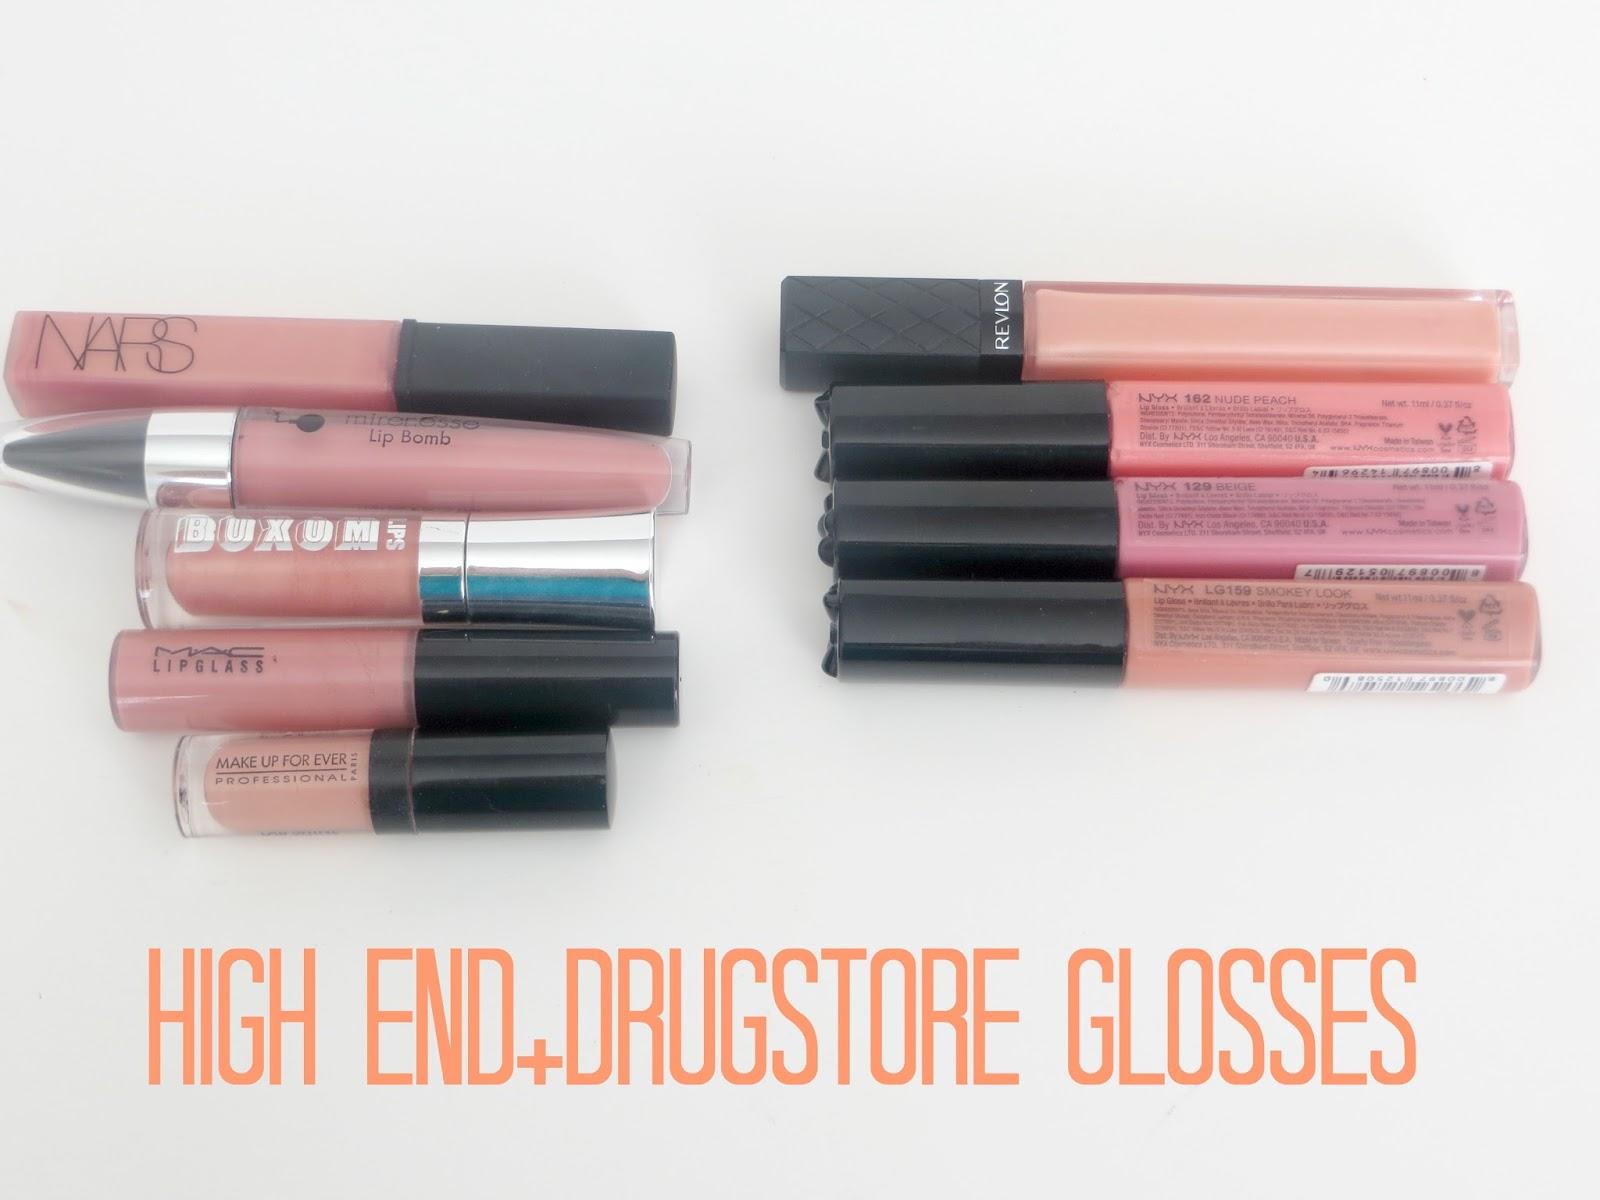 Bikini Revlon Lip Gloss Nude Images